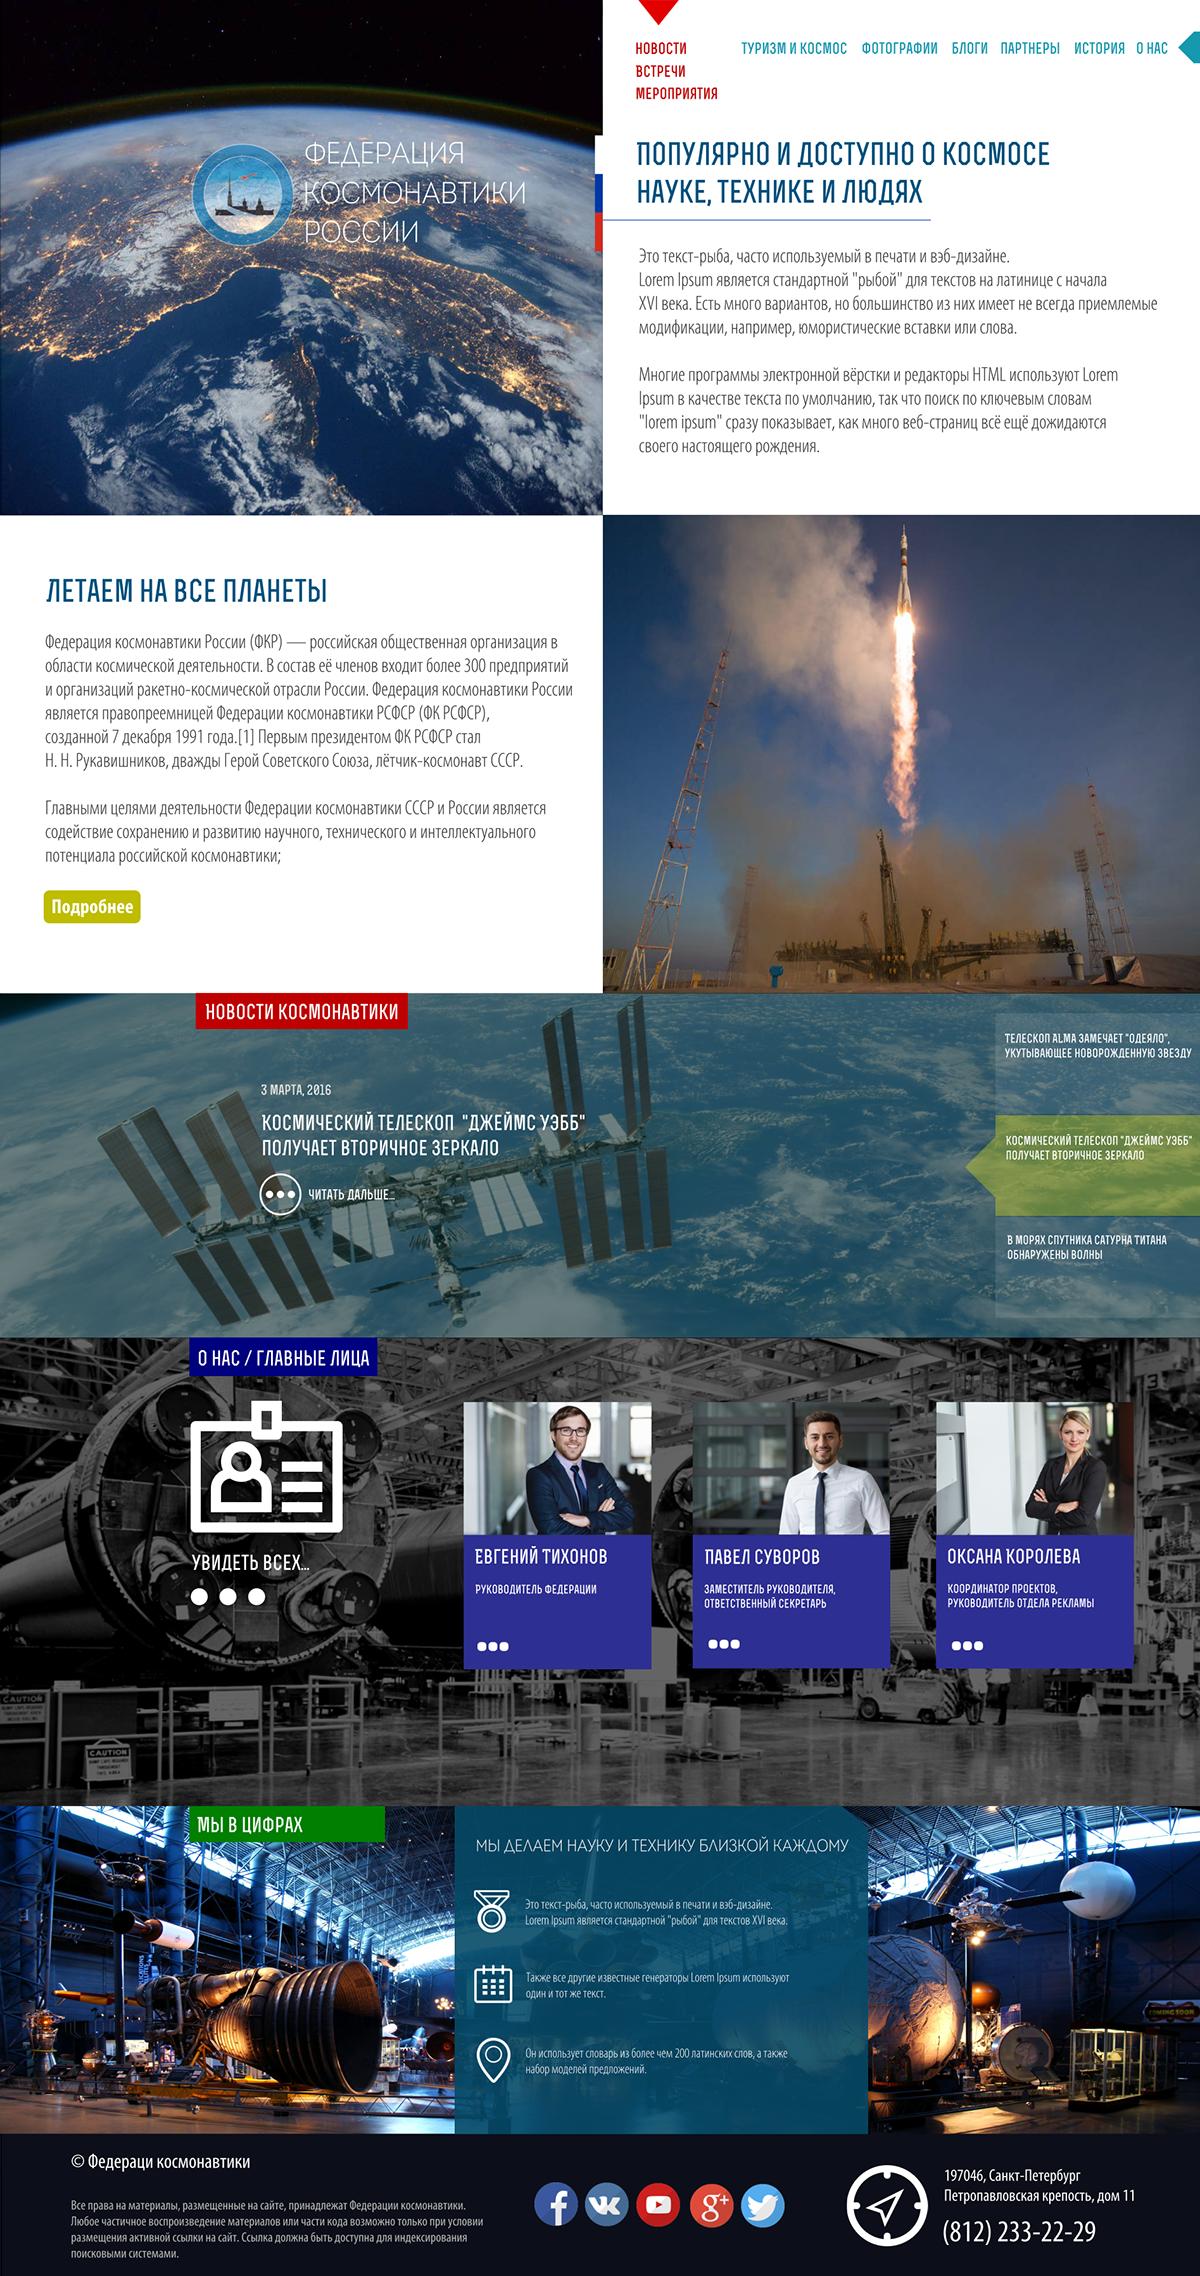 красивый дизайн умная картинка адаптивный дизайн  сайт для организации